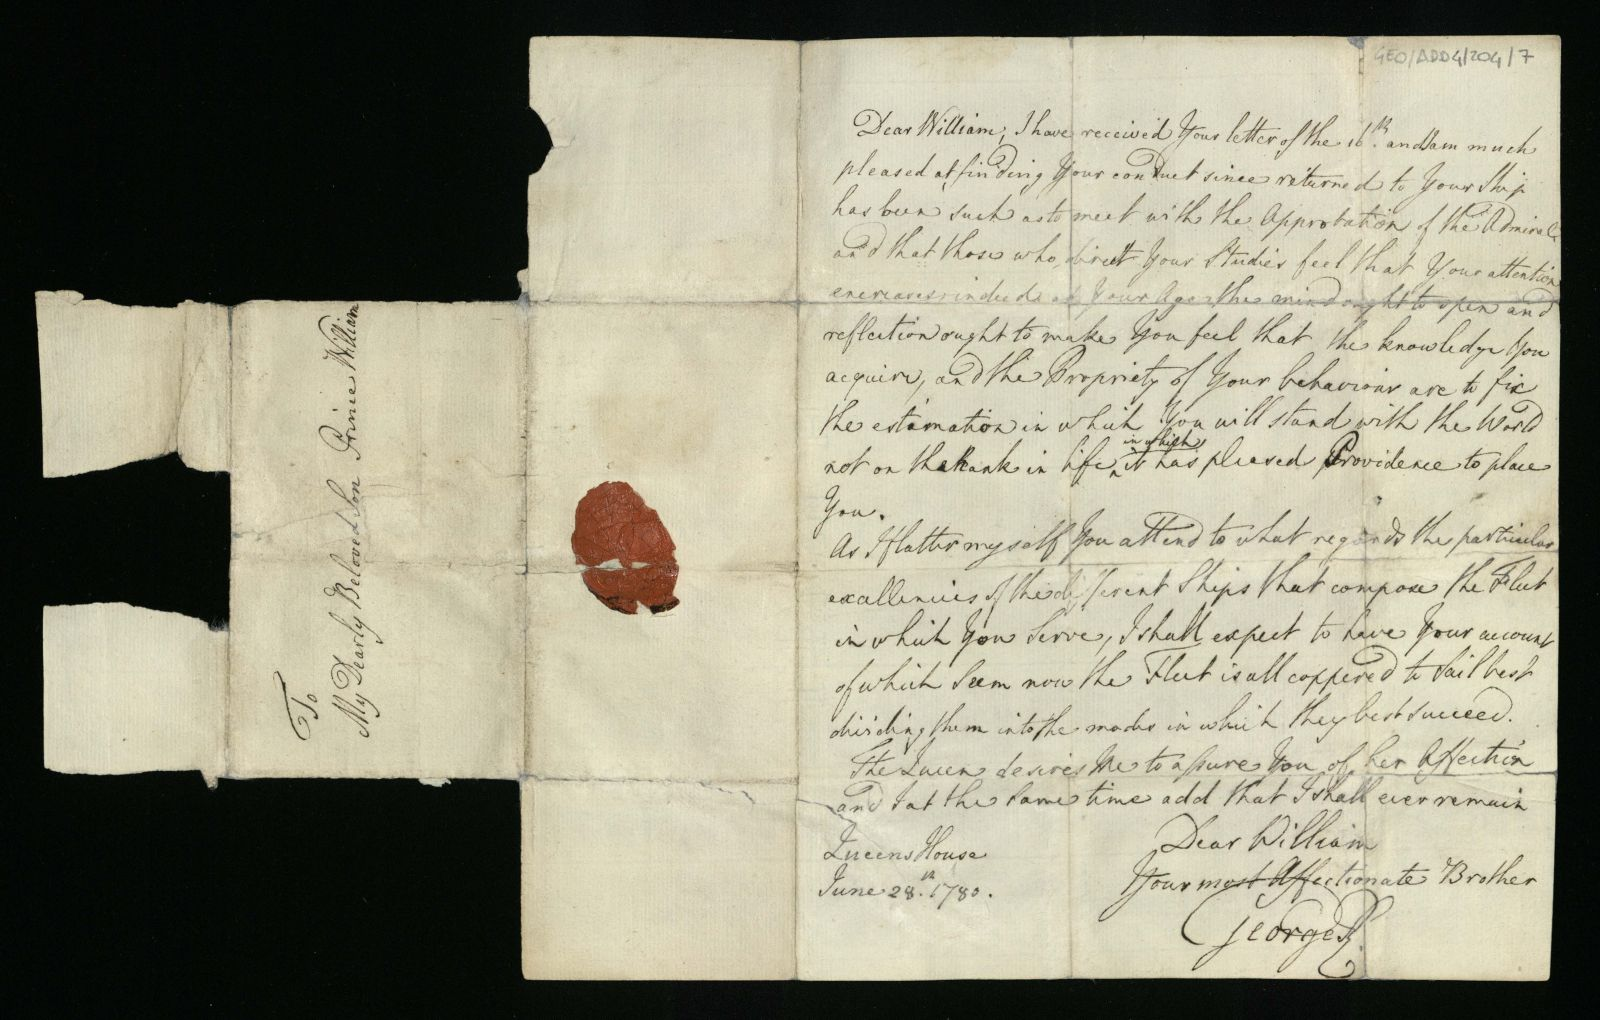 handwritten letter by George III